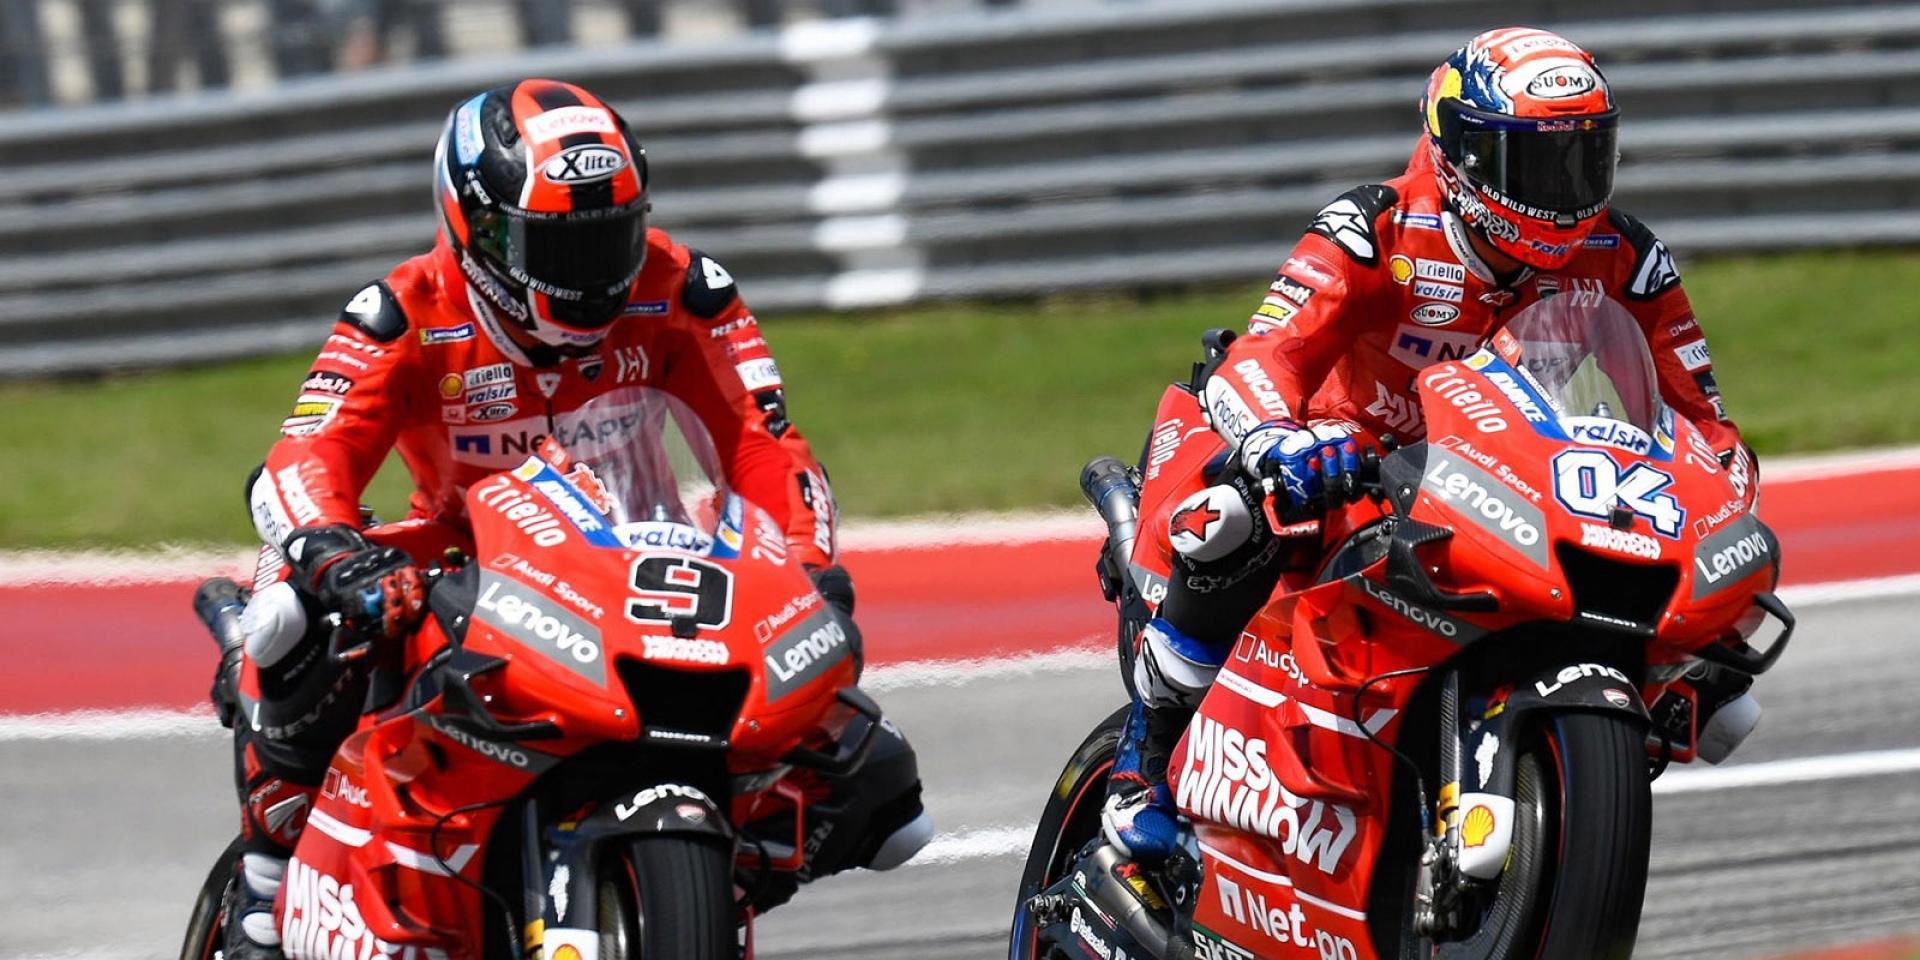 這我家,我很熟!Ducati告訴你有關Mugello賽道的輝煌戰績